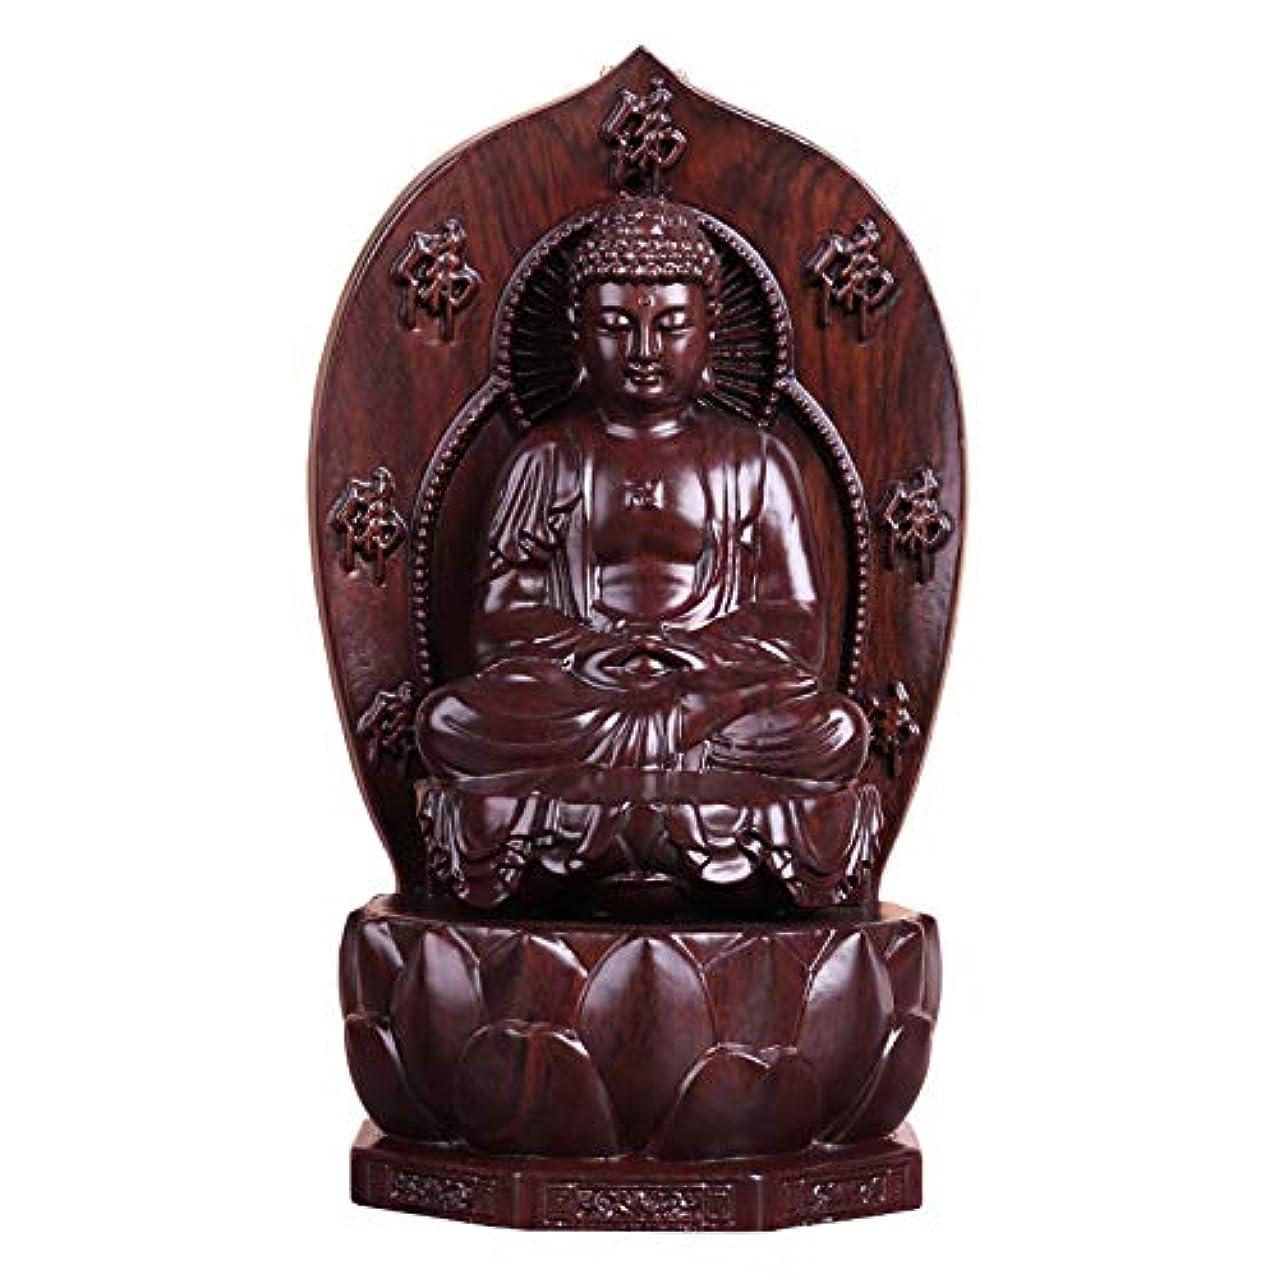 ごちそうプレゼンター仕出しますPHILOGOD 香炉 マホガニー逆流香 サクヤムニ木彫り仏壇用香炉 お香 ホルダー/香皿